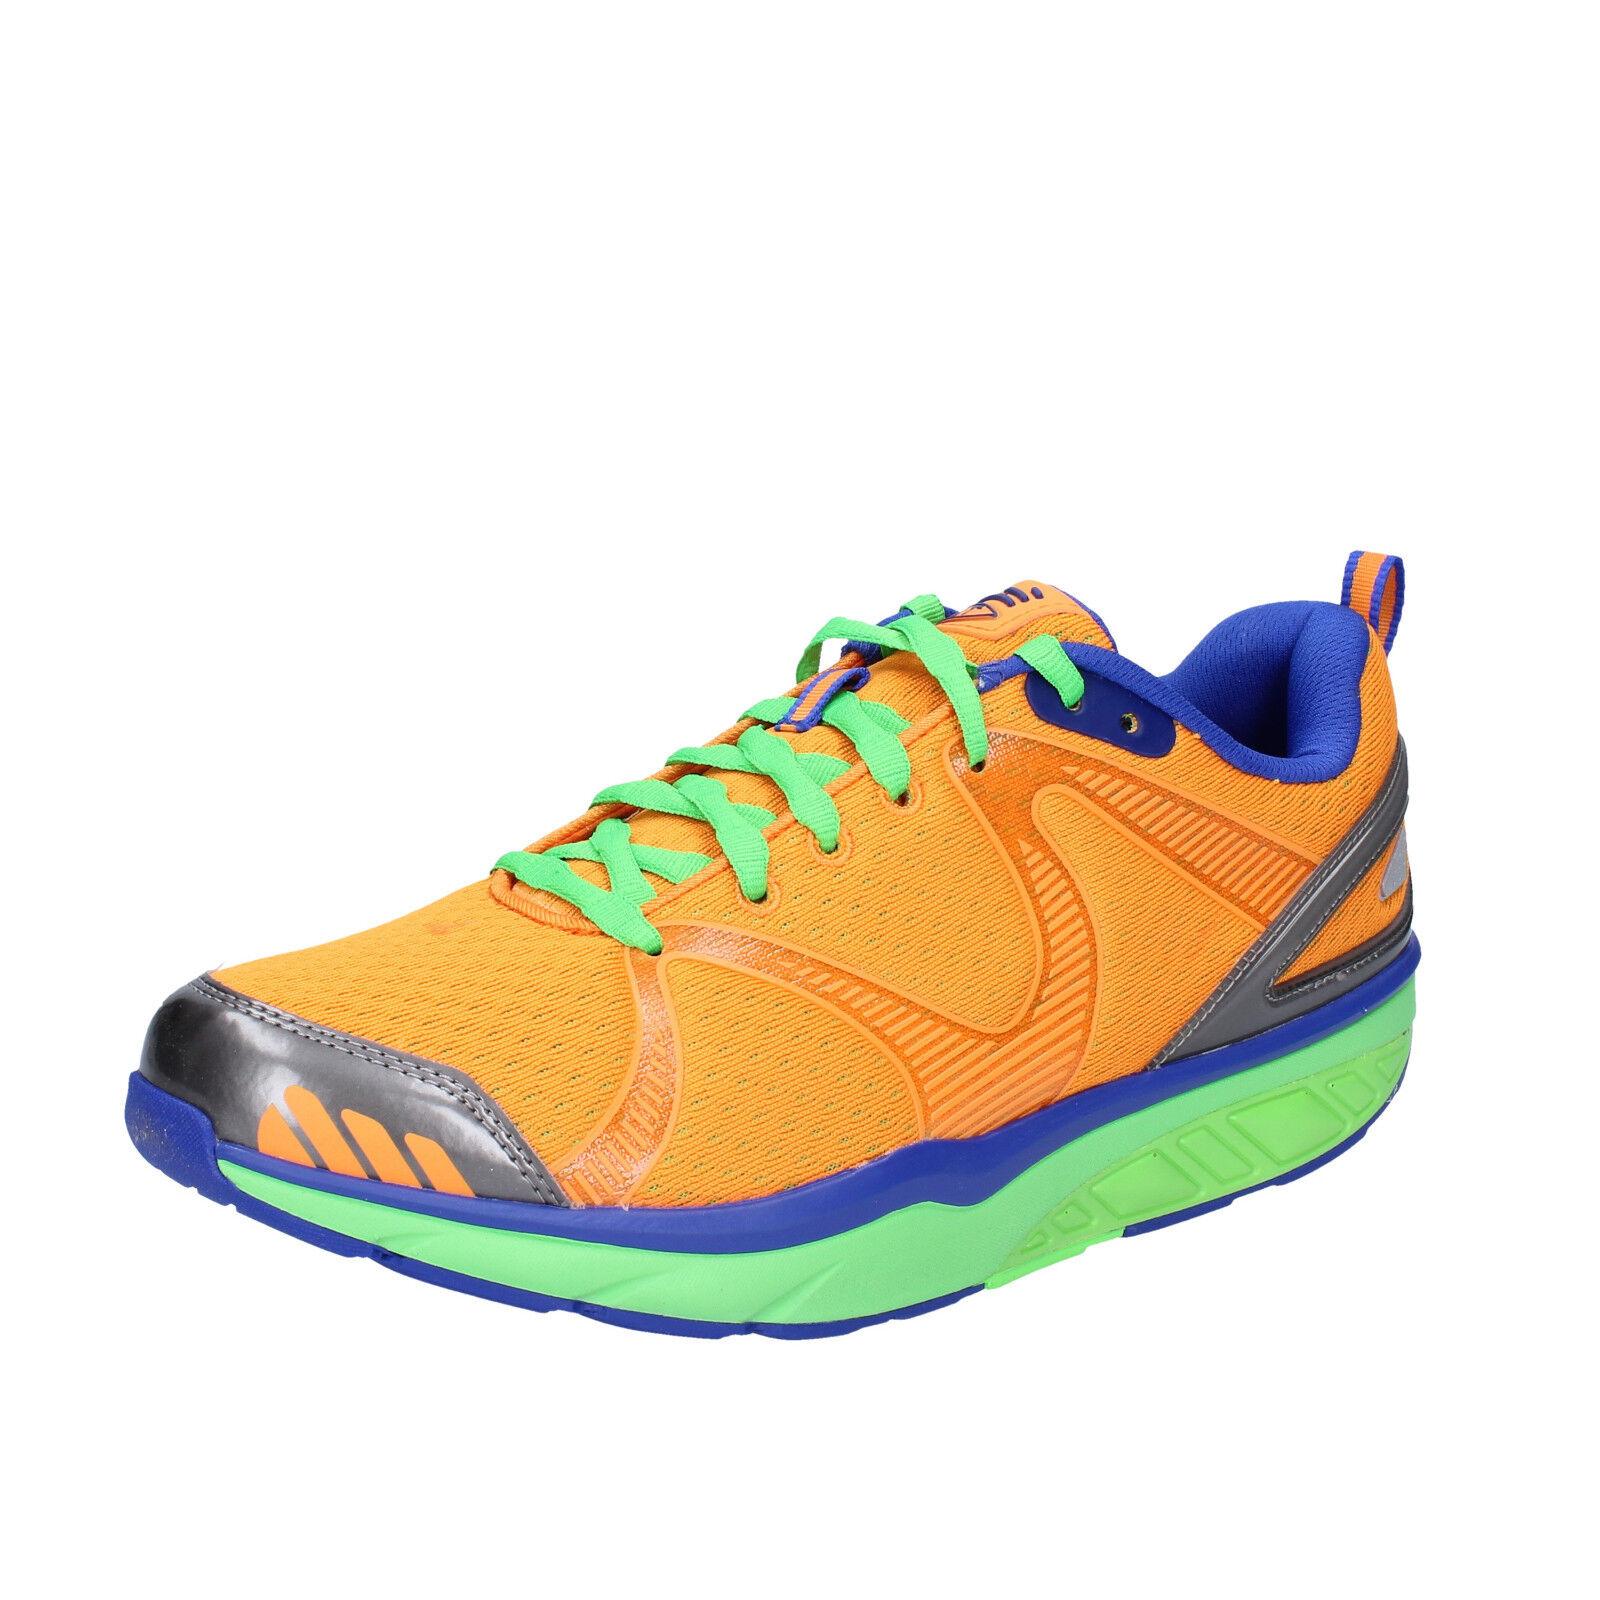 men's shoes MBT 7 / 7,5 () sneakers orange textile dynamic BX893-41